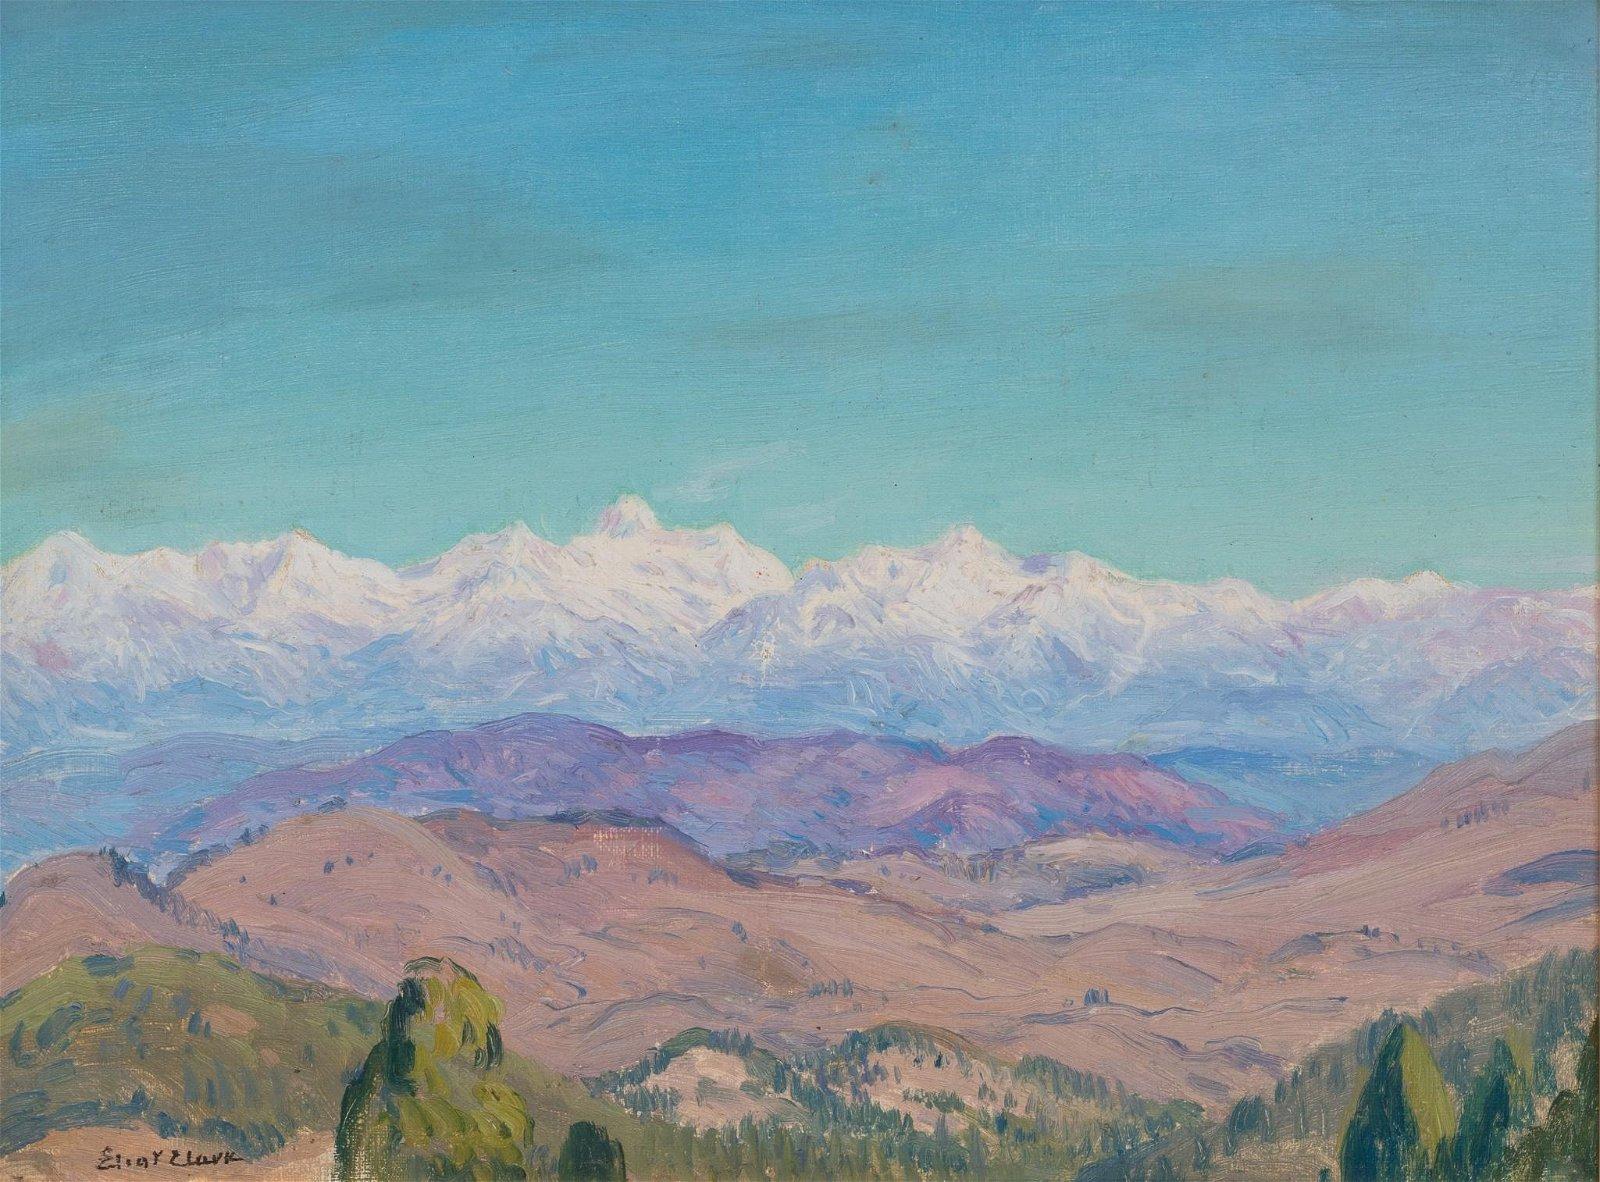 """Eliot Clark (1883-1980), """"Arizona Mountains"""", oil on"""